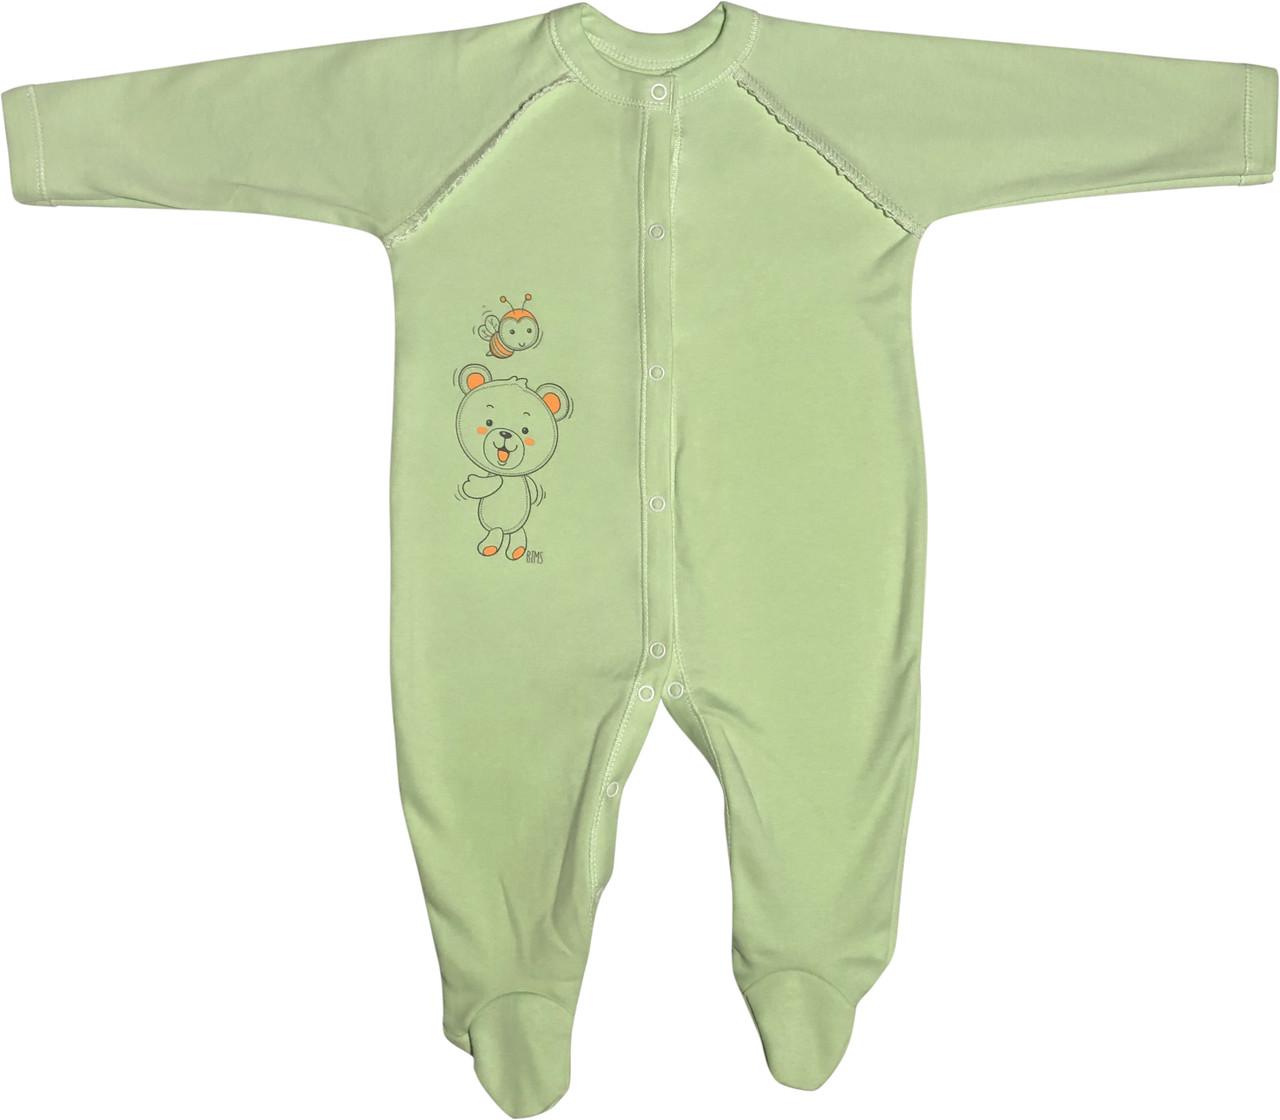 Тёплый человечек слип с начёсом для новорожденных рост 86 1-1,5 года на мальчика девочку трикотажный салатовый